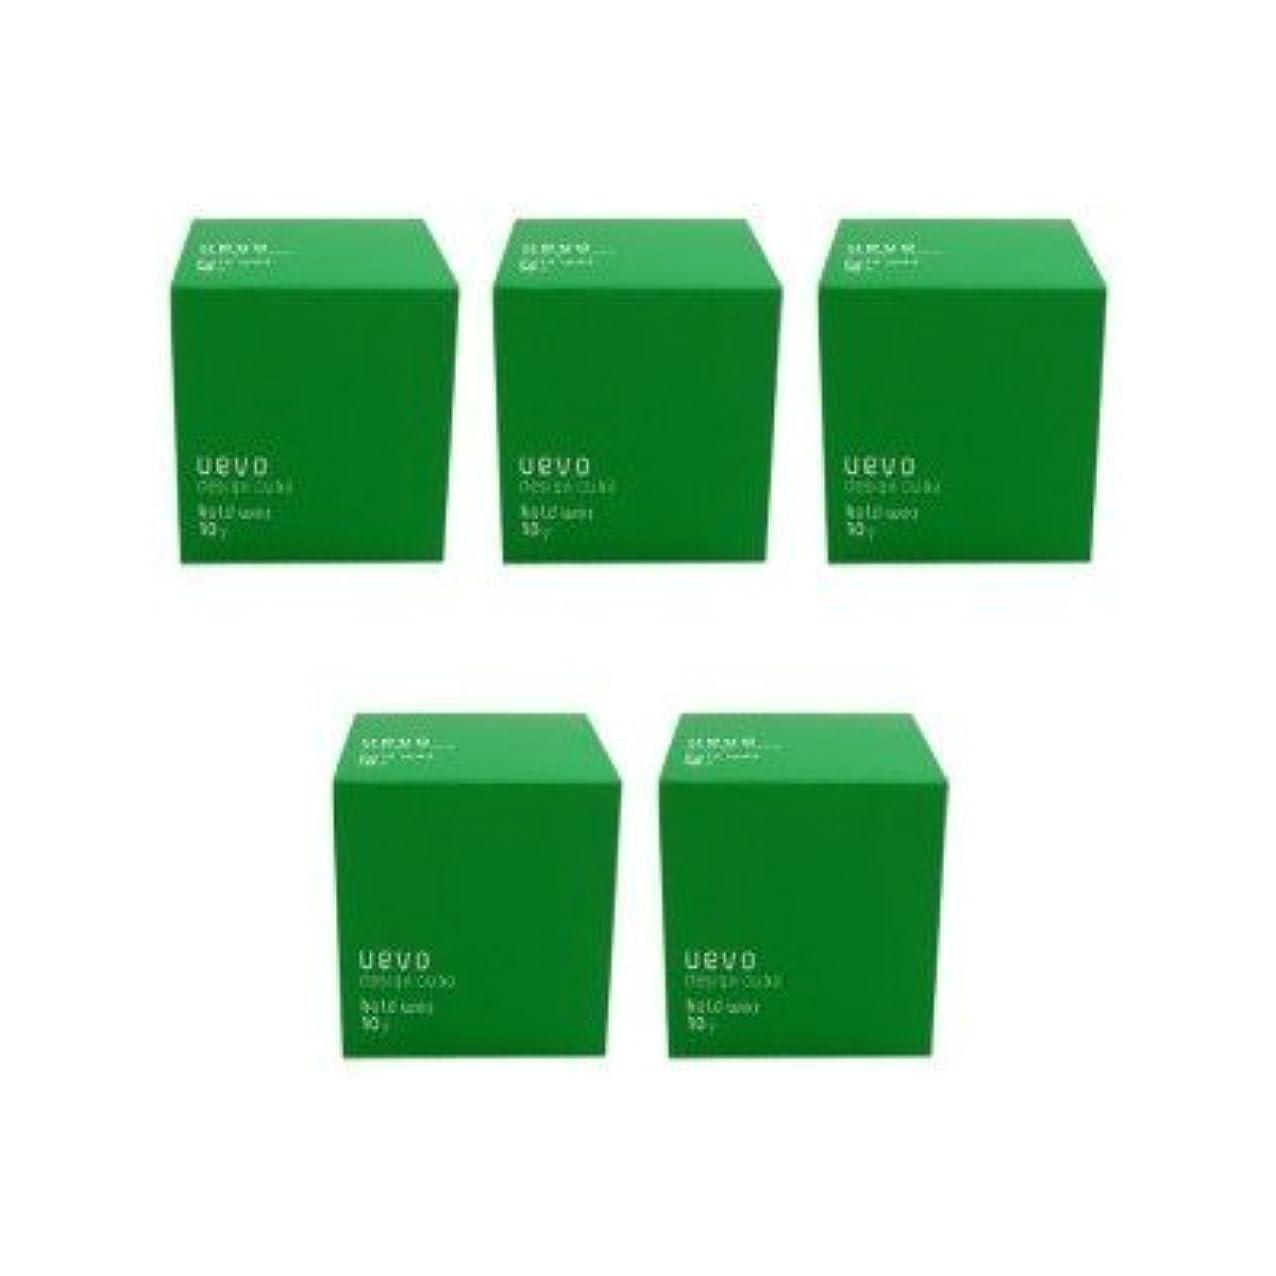 周術期耐える合金【X5個セット】 デミ ウェーボ デザインキューブ ホールドワックス 80g hold wax DEMI uevo design cube